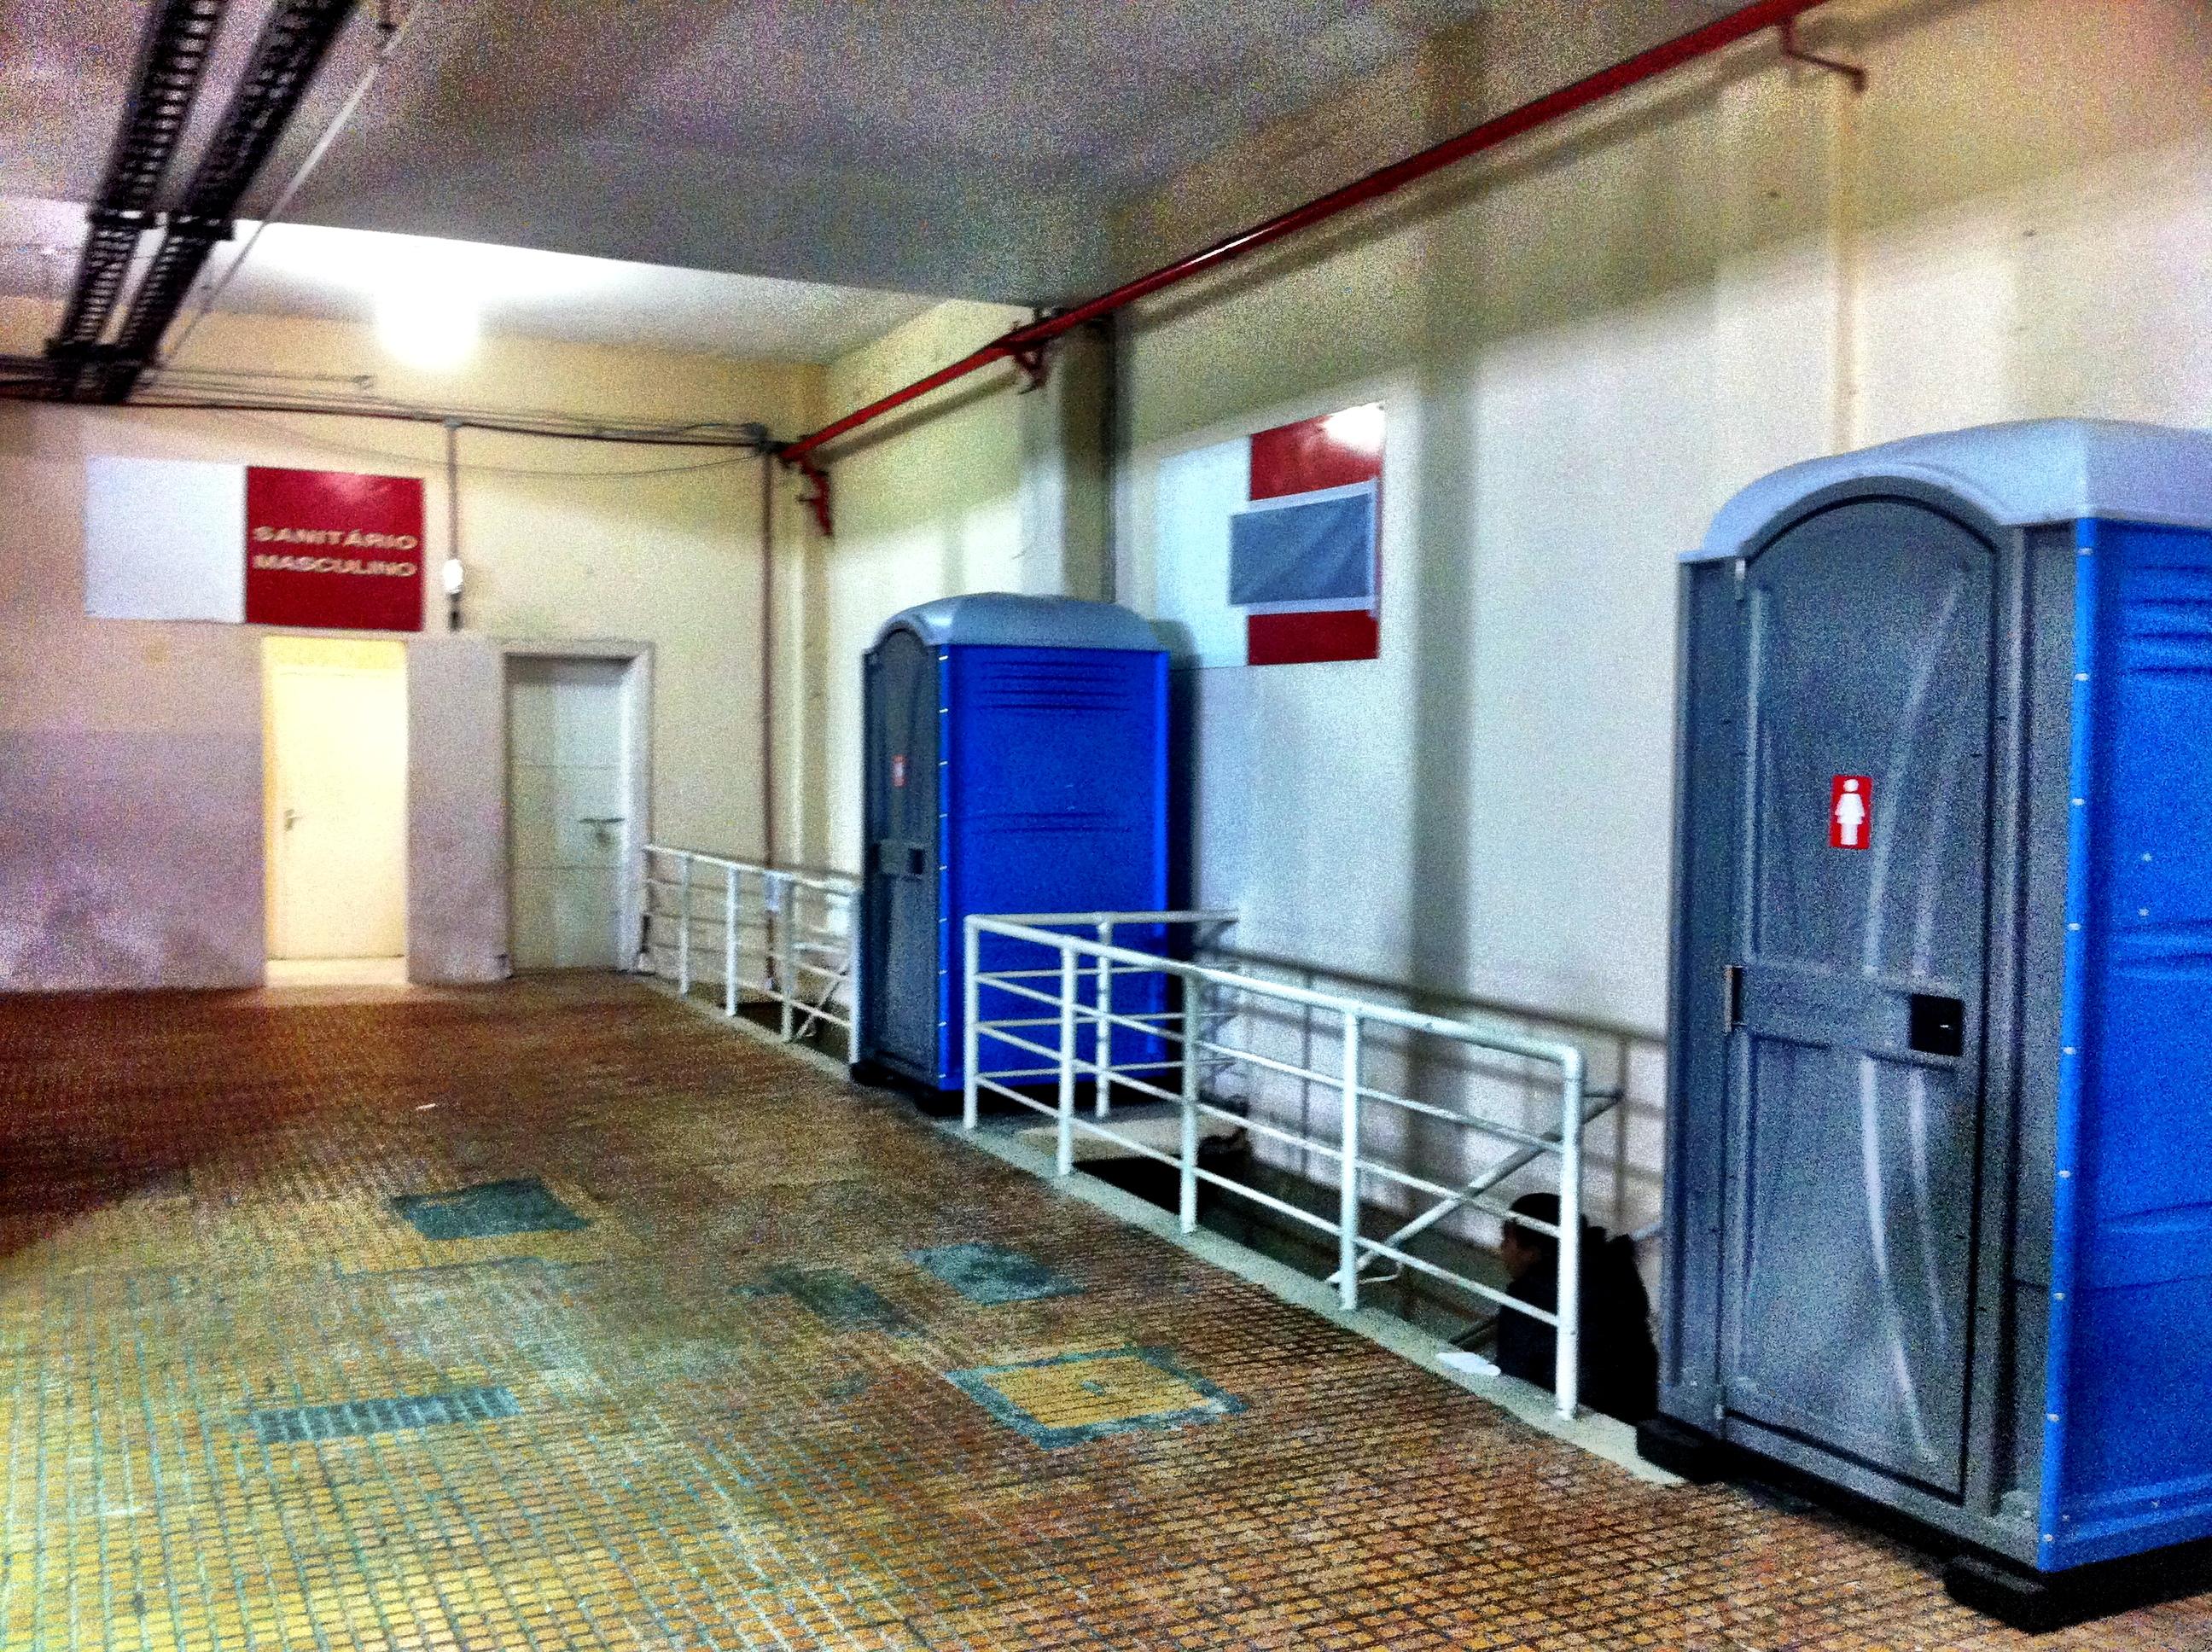 Banheiros químicos das mulheres no setor de visitantes no jogo  #023BC5 2592 1936